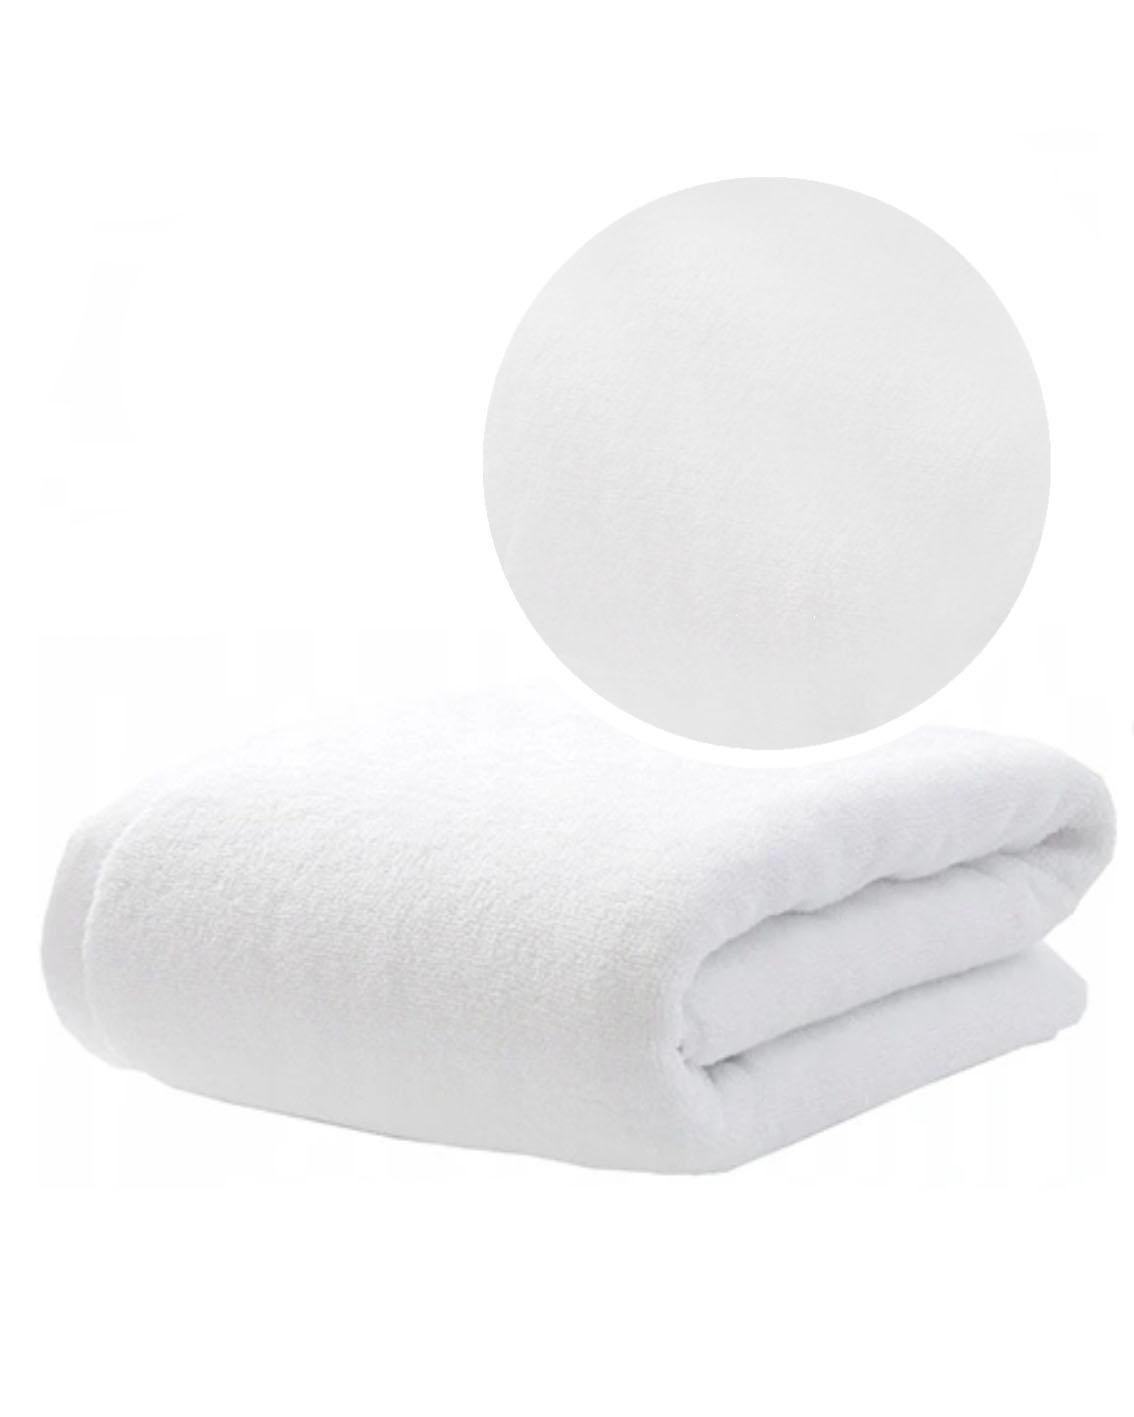 Ręcznik kompielowy frotte hotelowy 100% bawełny. gramatura 400 g. posiada certyfikat Oeko-tex. Model Capri.